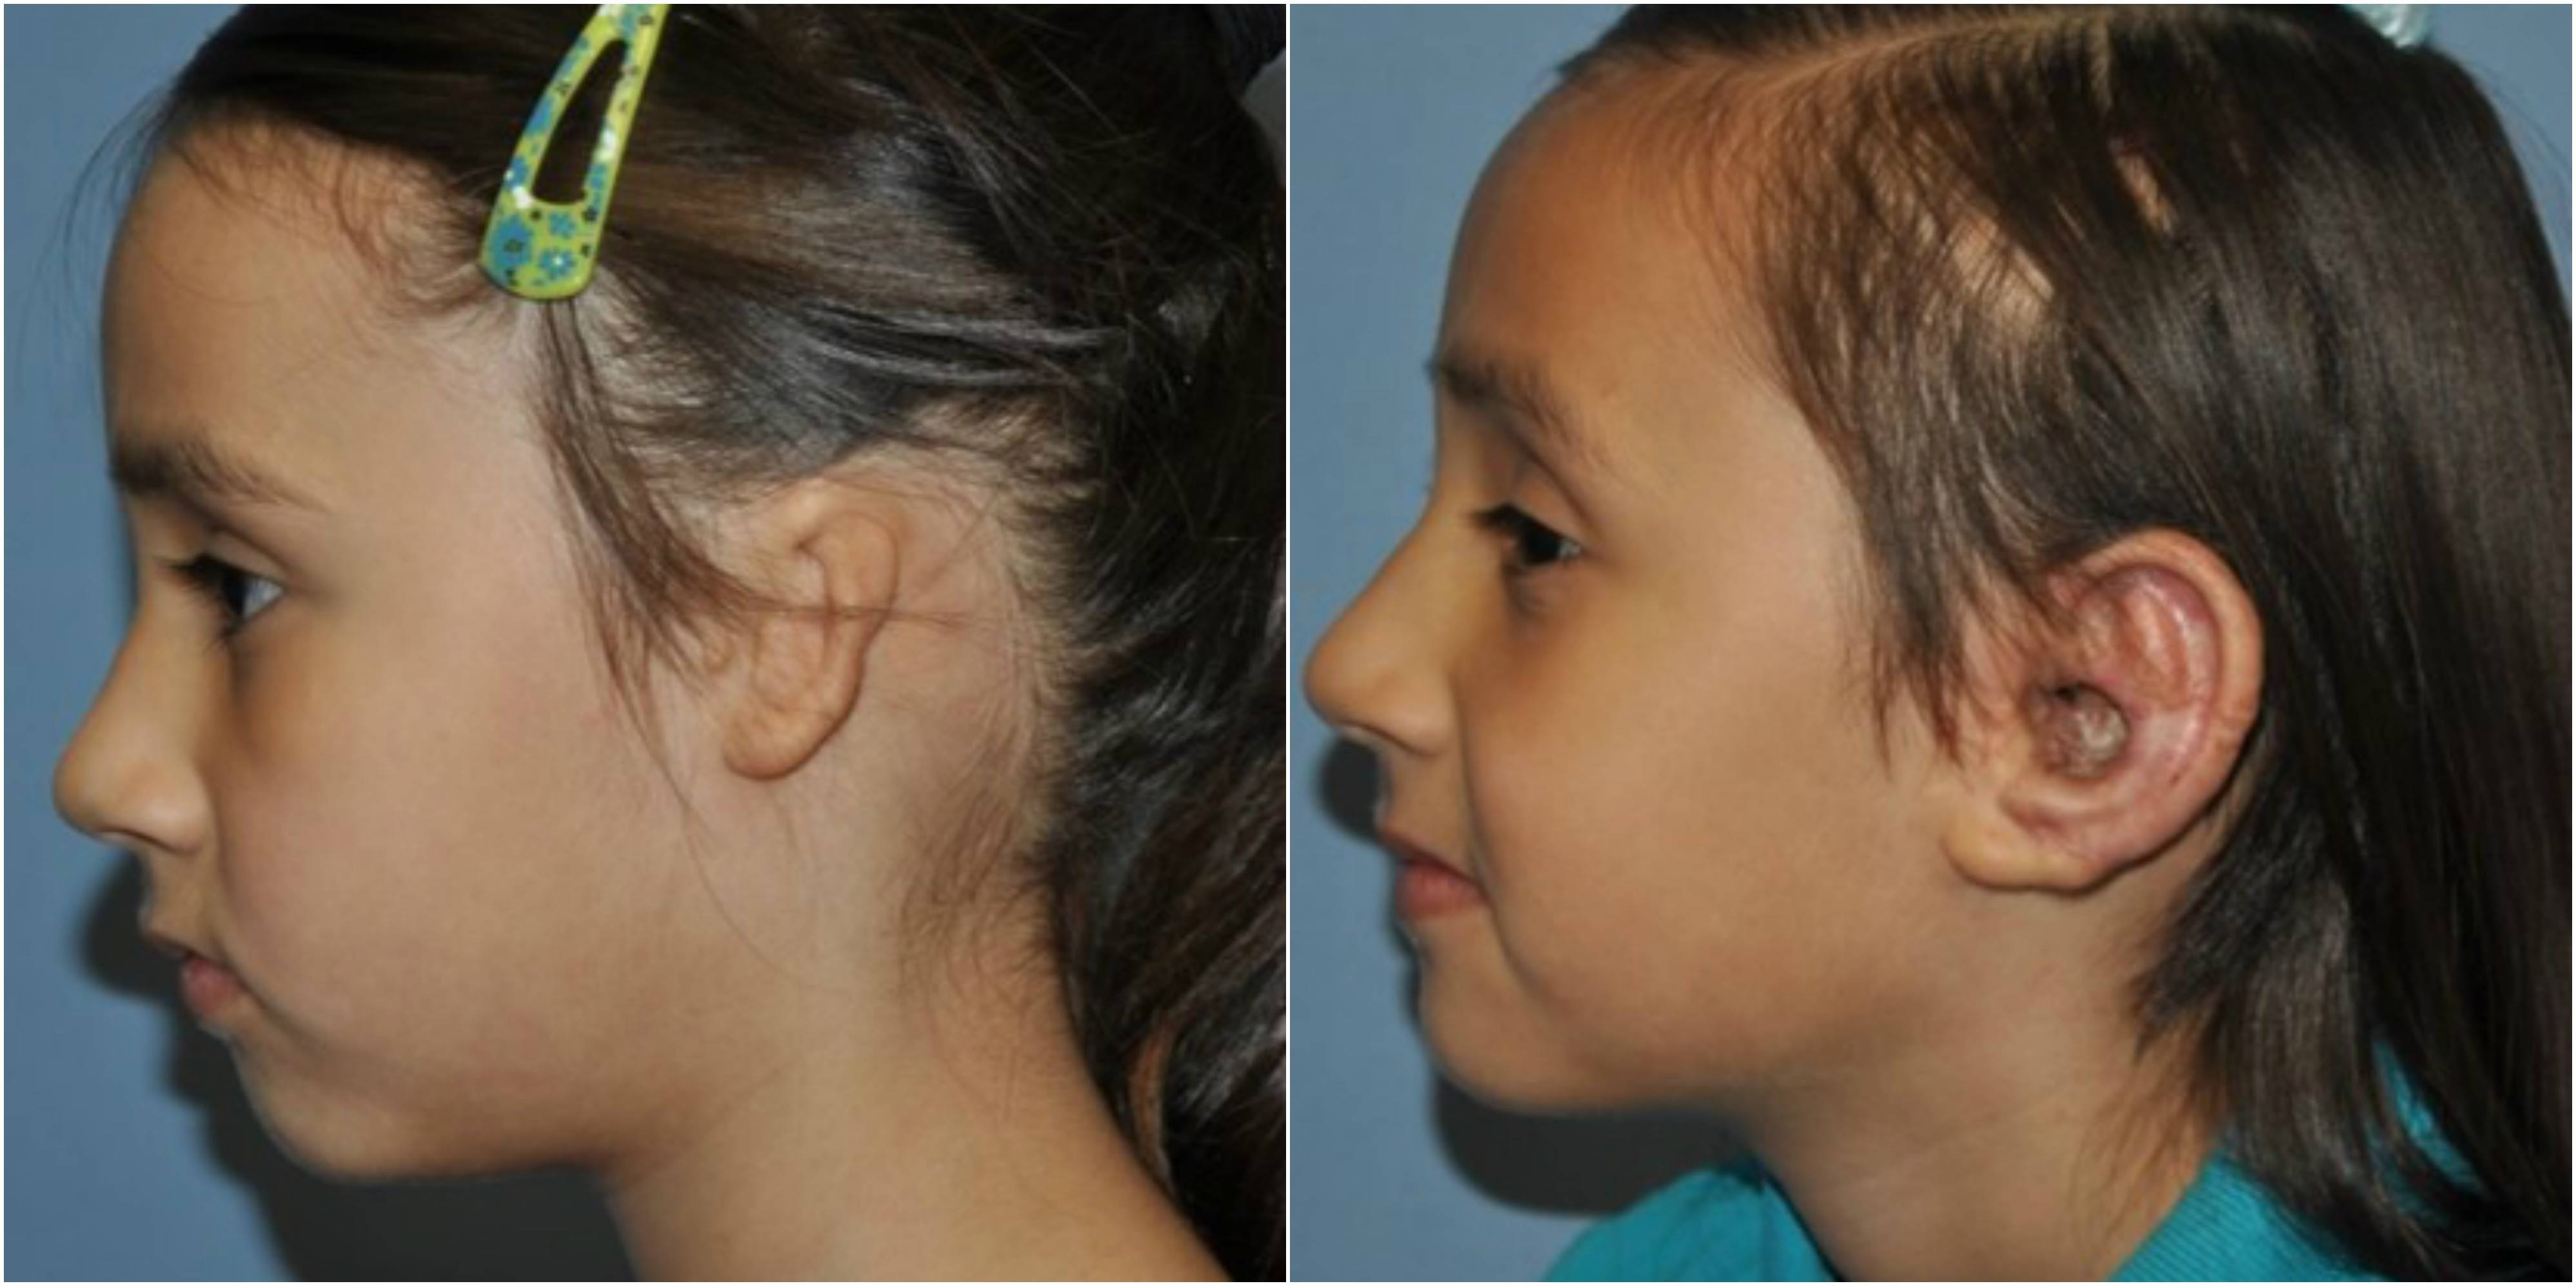 Хирургическое лечение атрезии наружного слухового прохода при аномалии развития уха